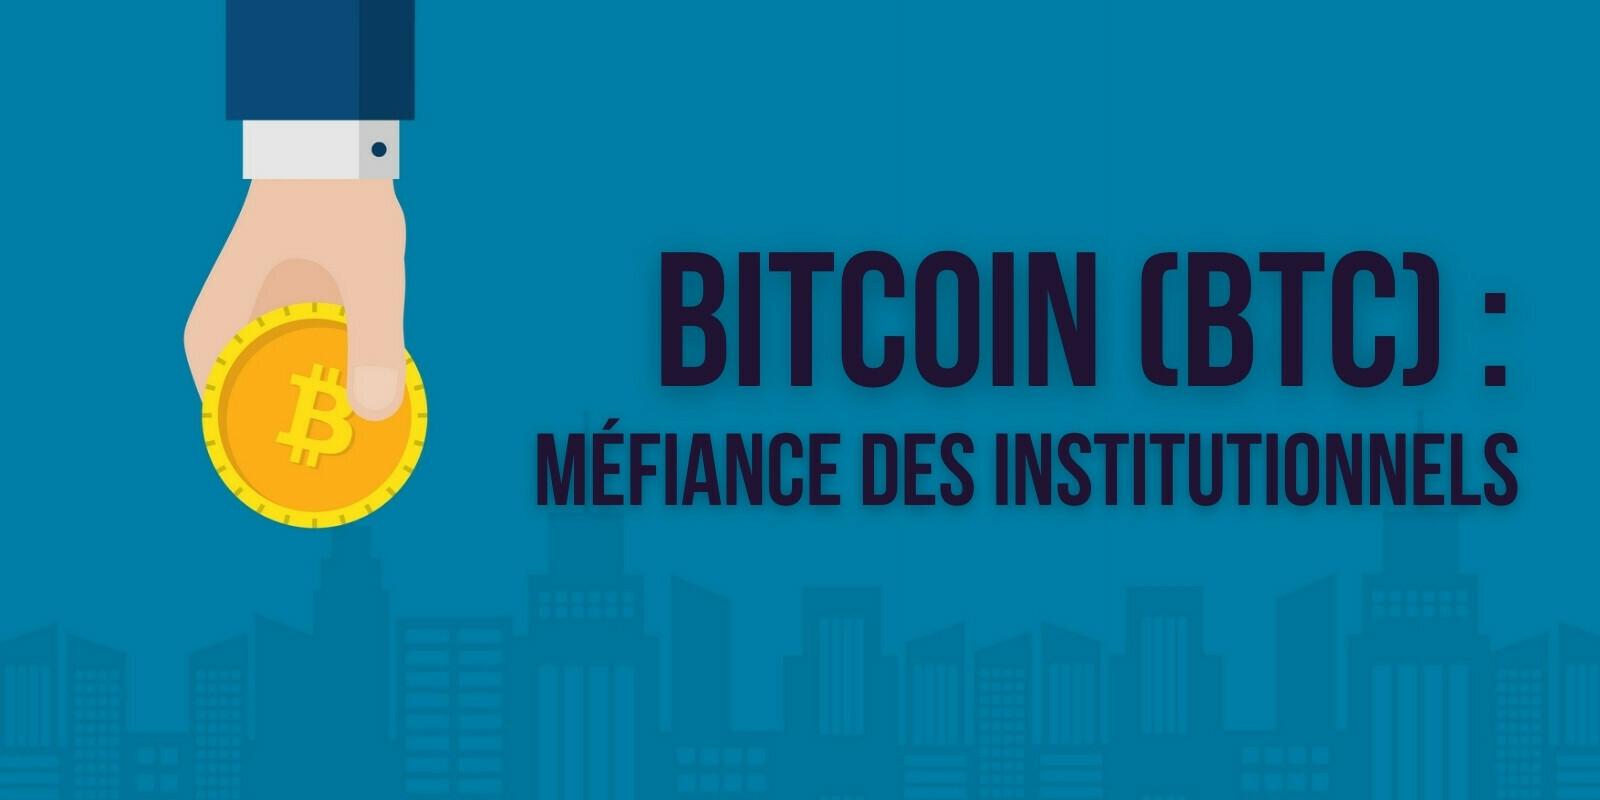 Bitcoin (BTC): la demande des institutionnels toujours en baisse, selon Glassnode